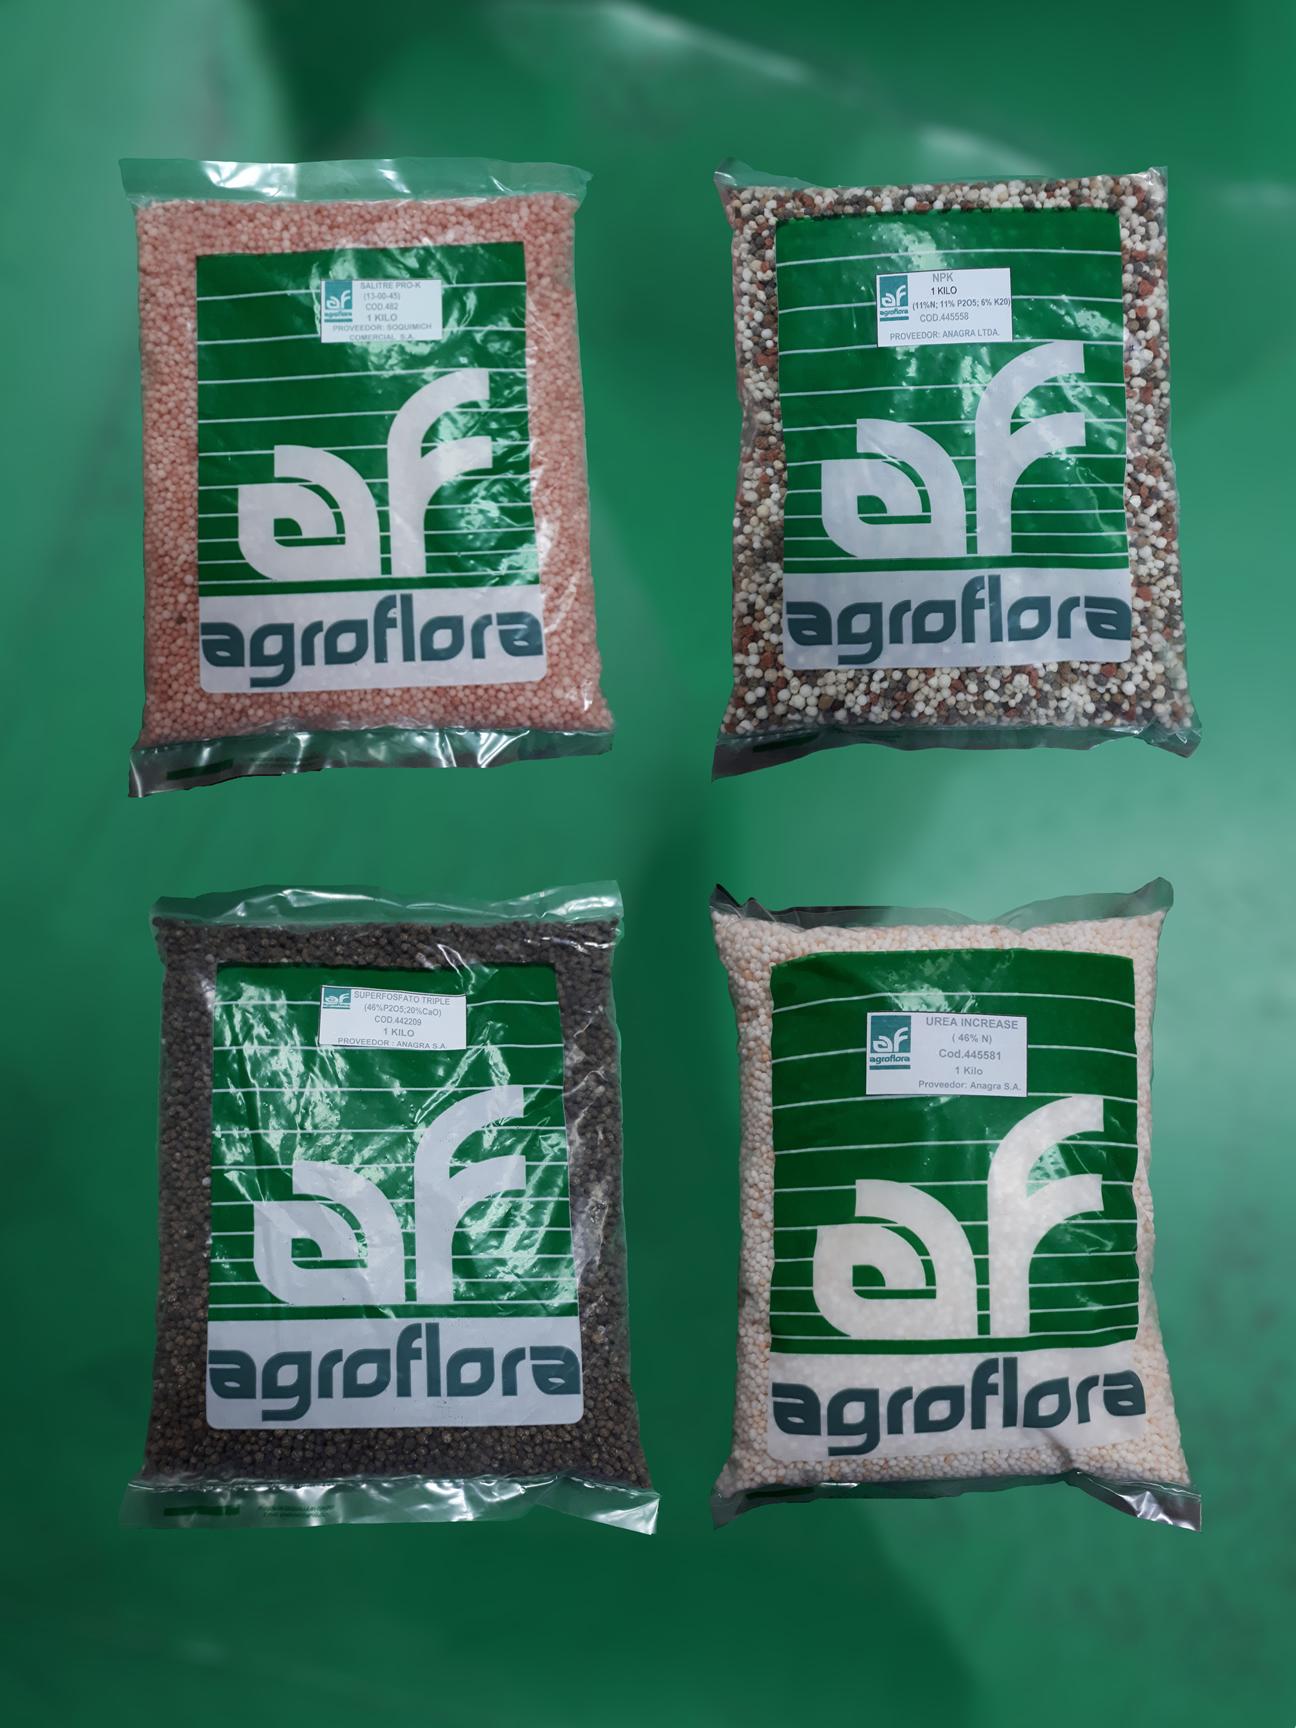 Venta de productos fertilizantes en la región del BioBio